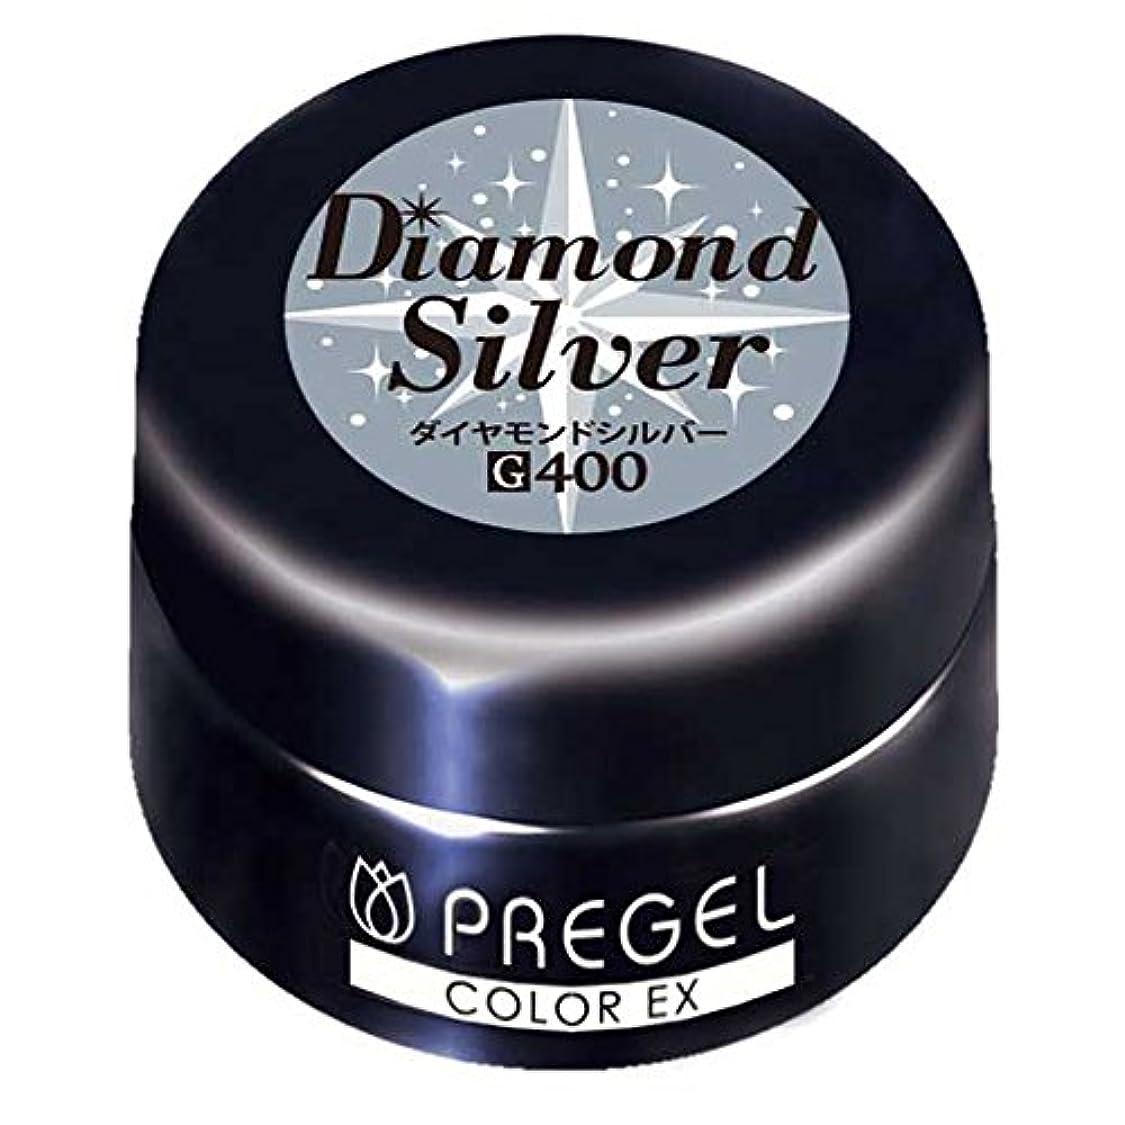 空いている信条敏感なPRE GEL カラーEX ダイヤモンドシルバーCE400 UV/LED対応 カラージェル